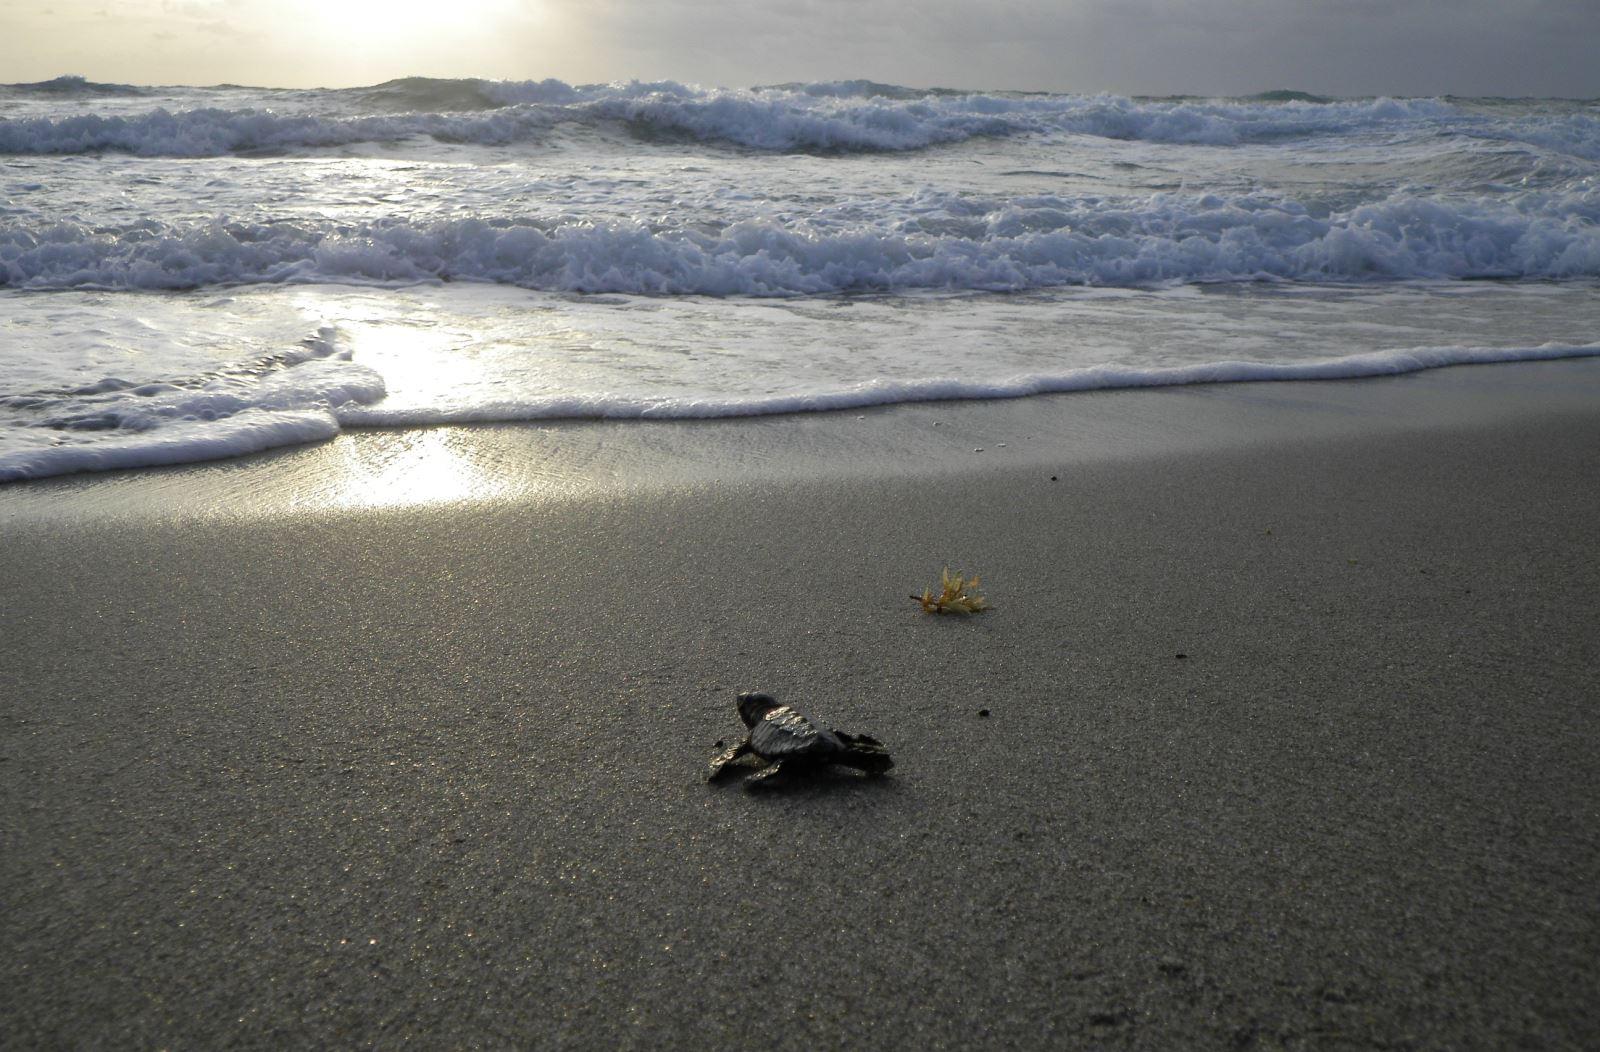 Loggerhead hatchling headed for the ocean